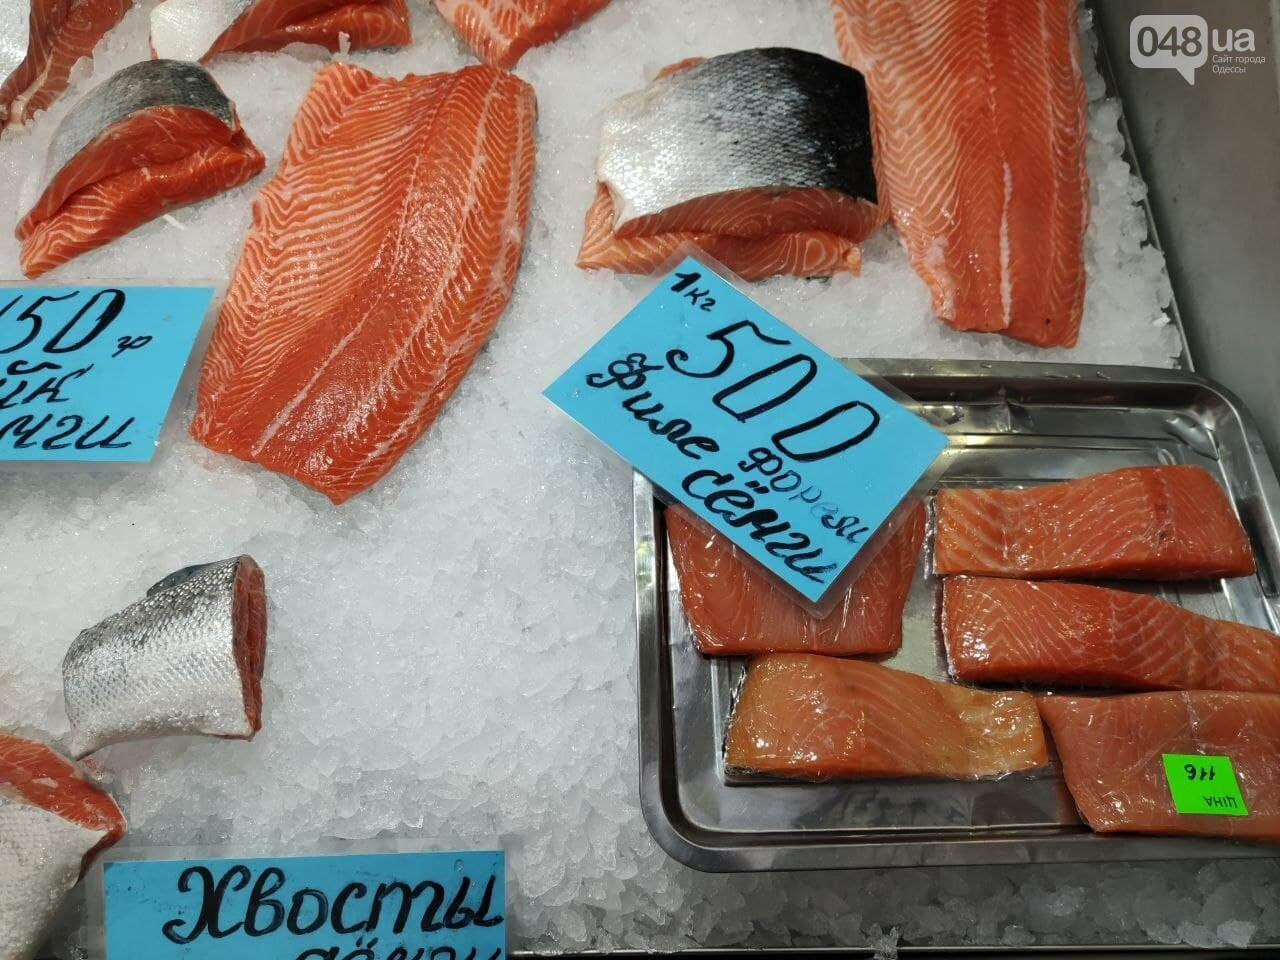 Кефаль, дунайка, рачки: рыбный четверг на одесском Привозе, - ФОТО, фото-3